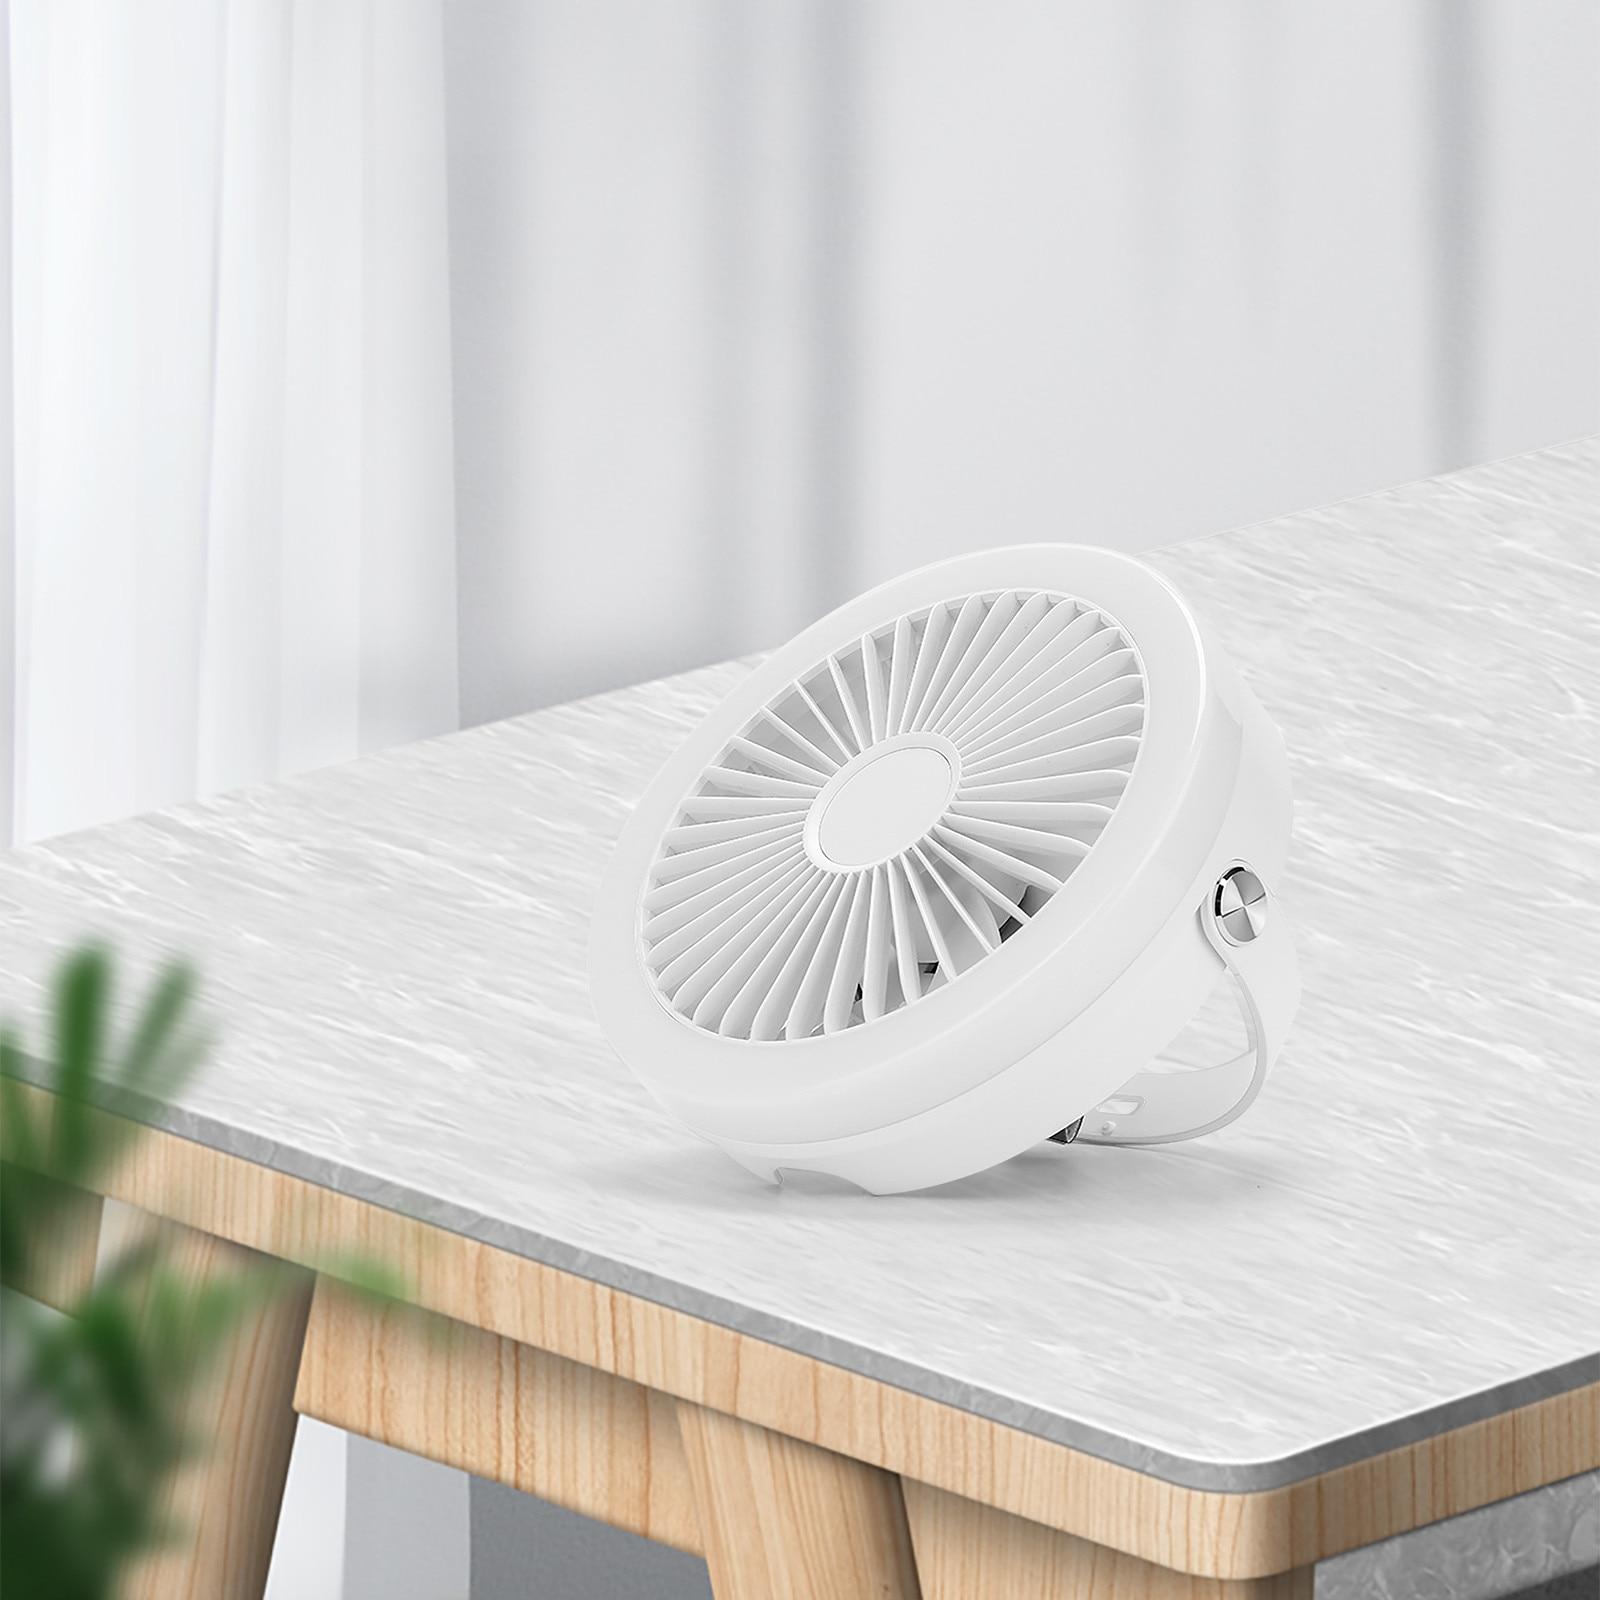 livre indoor ventiladores de refrigeração de viagem ventilador de teto desktop